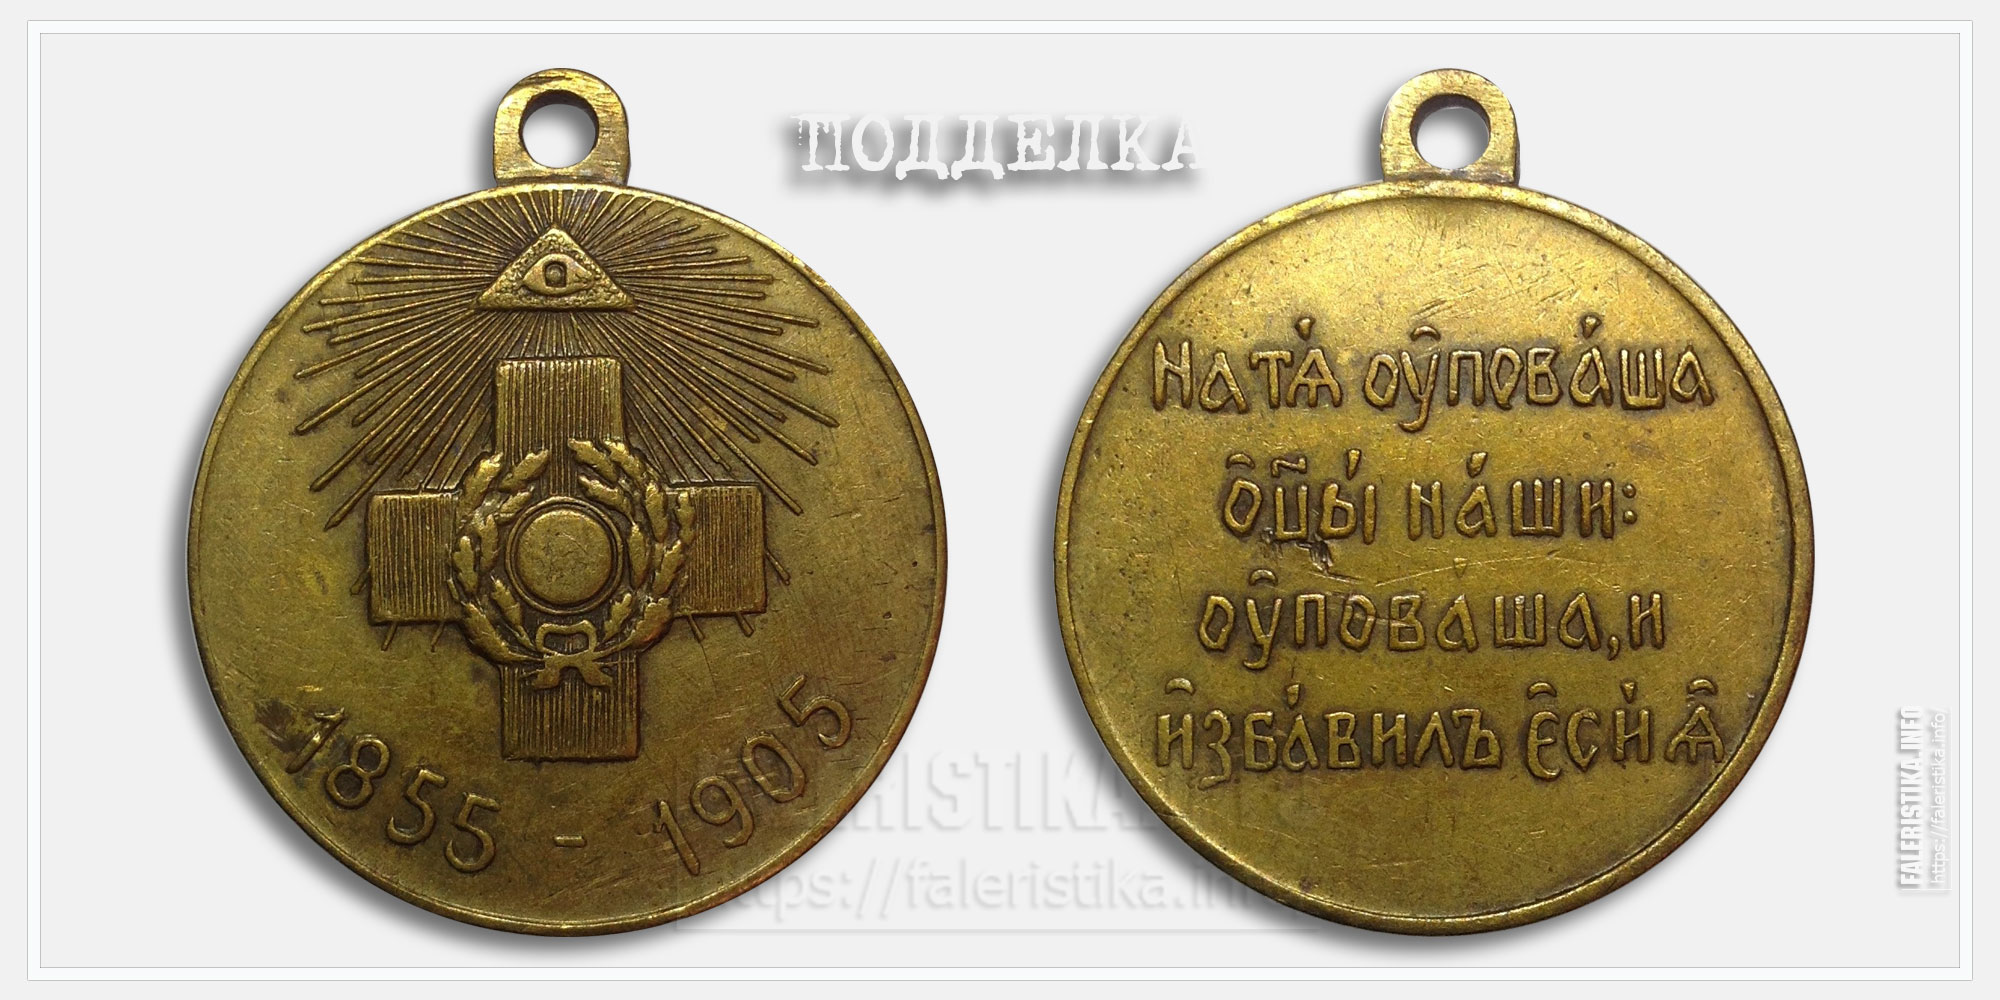 Медаль «В память 50-летия защиты Севастополя»1855-1905 (копия)